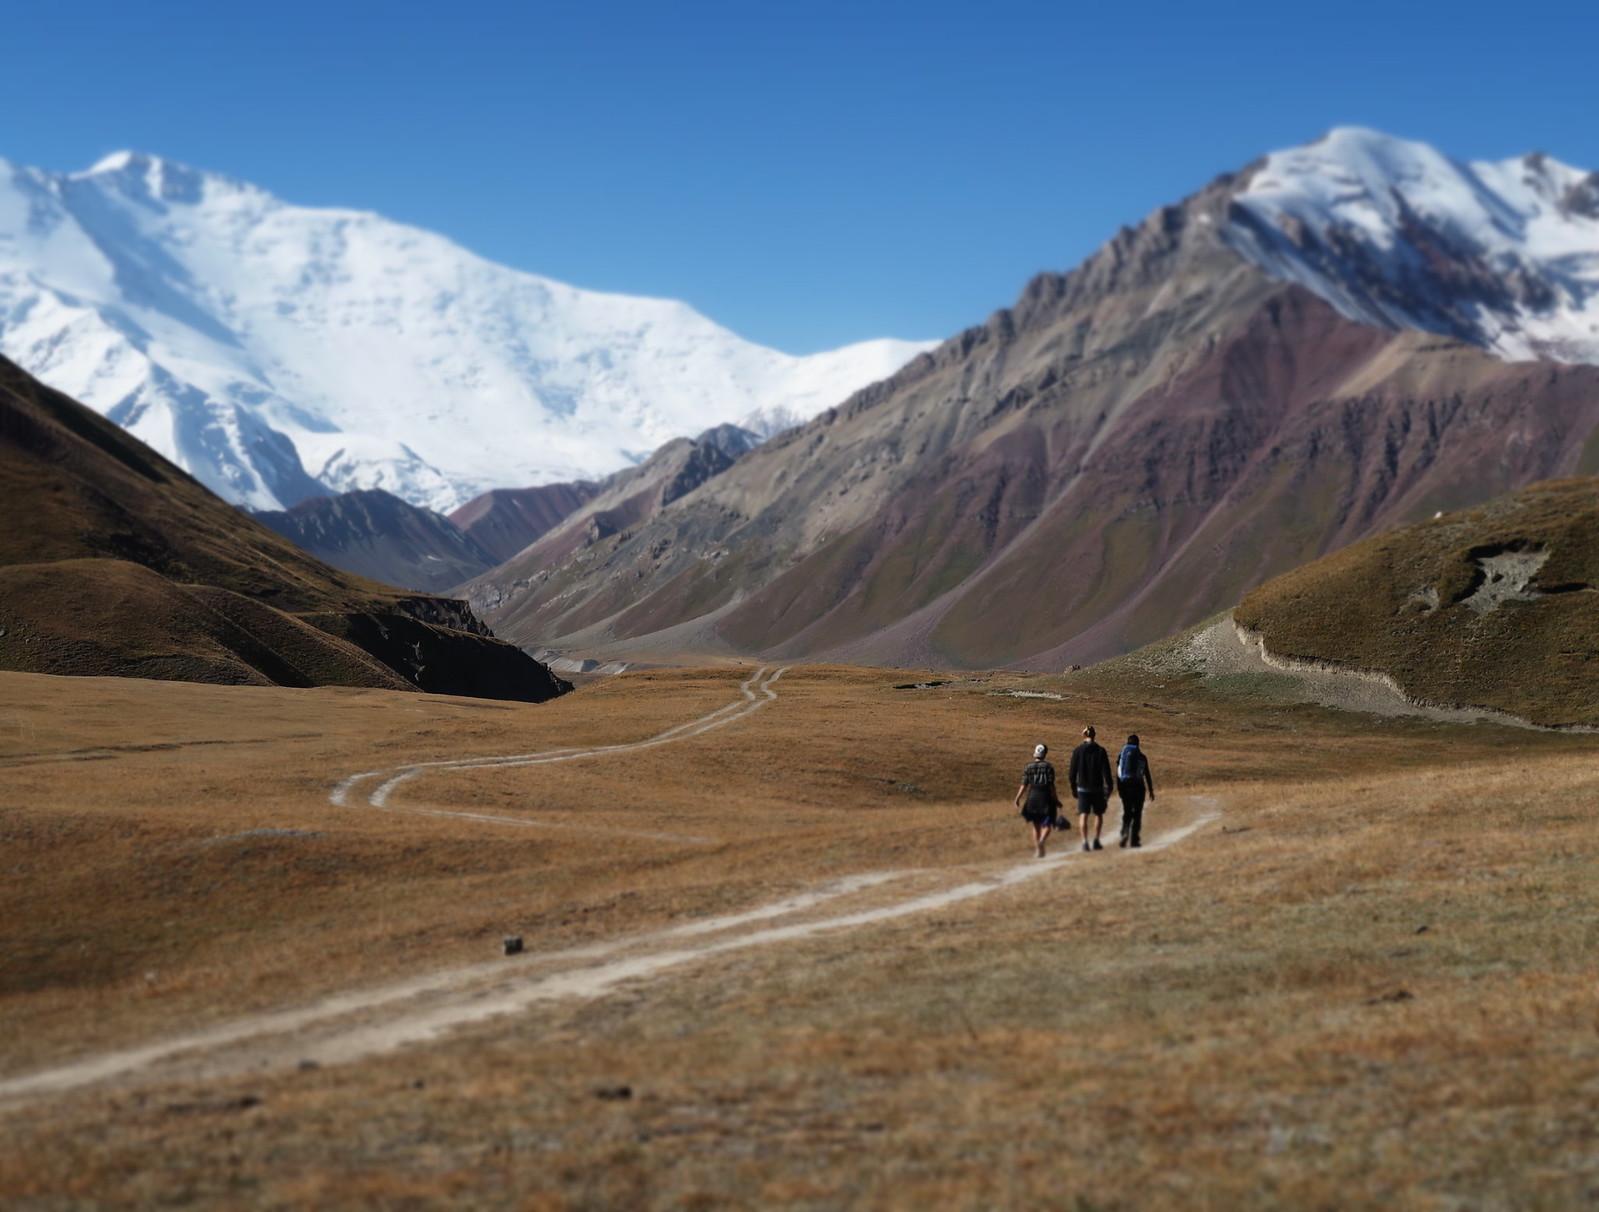 Kyrgyzstan – a little detour to a big mountain